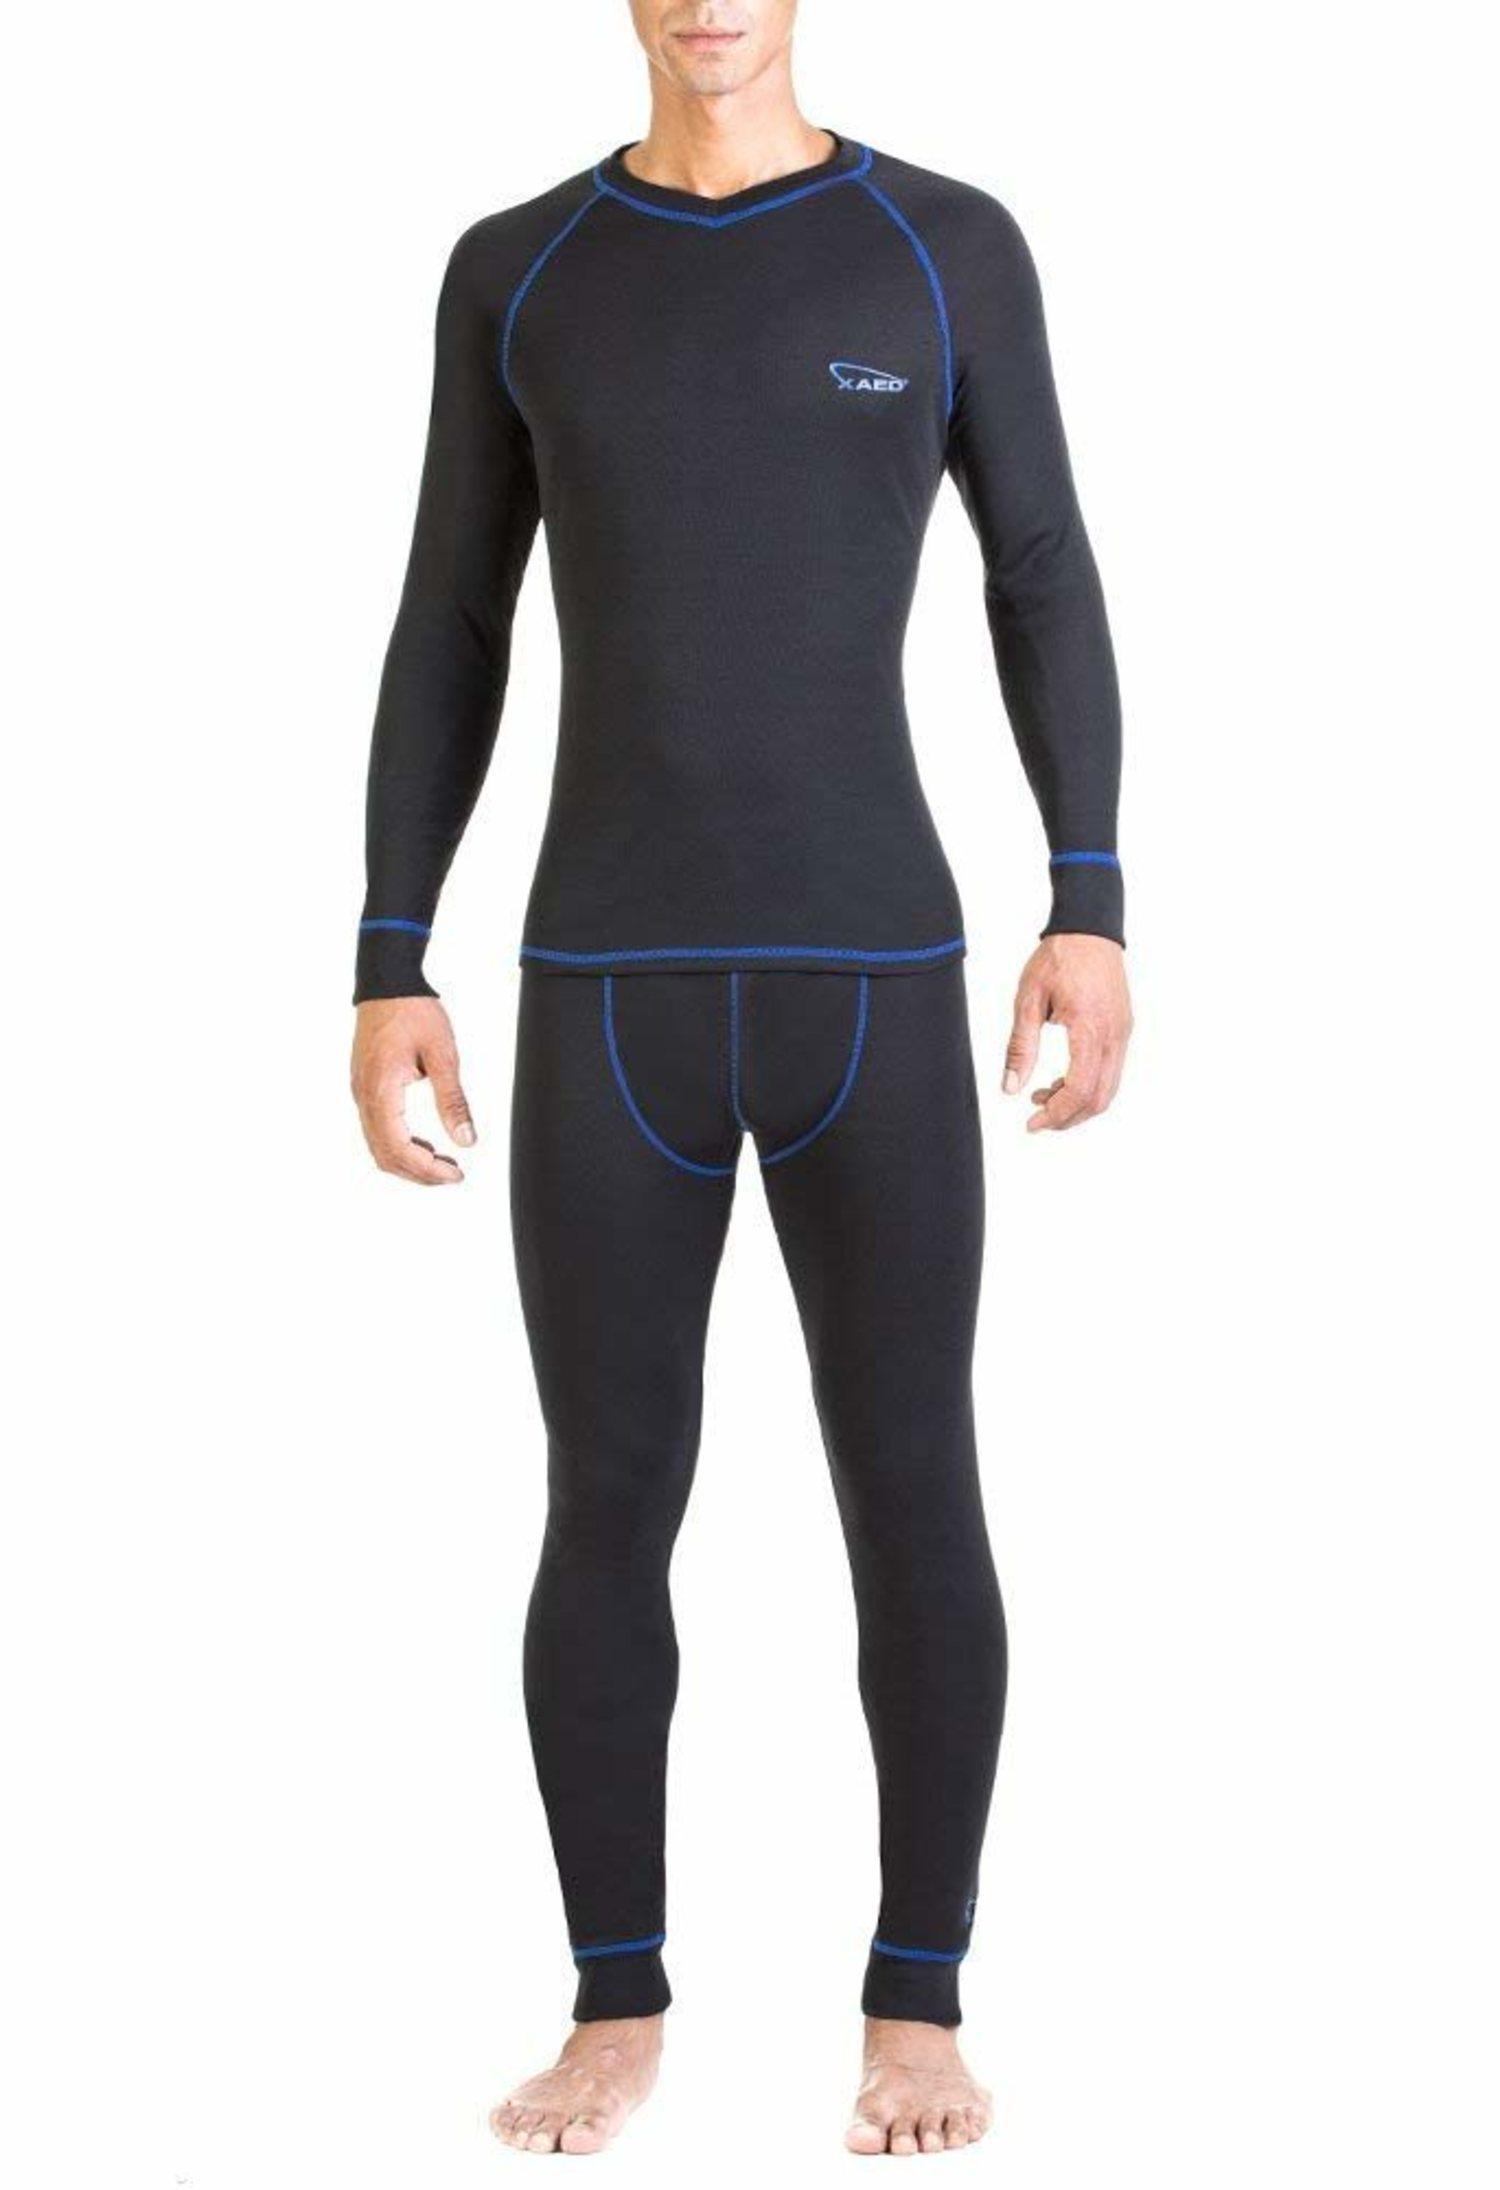 Pantalones térmicos y camiseta térmica modelo Xaed.